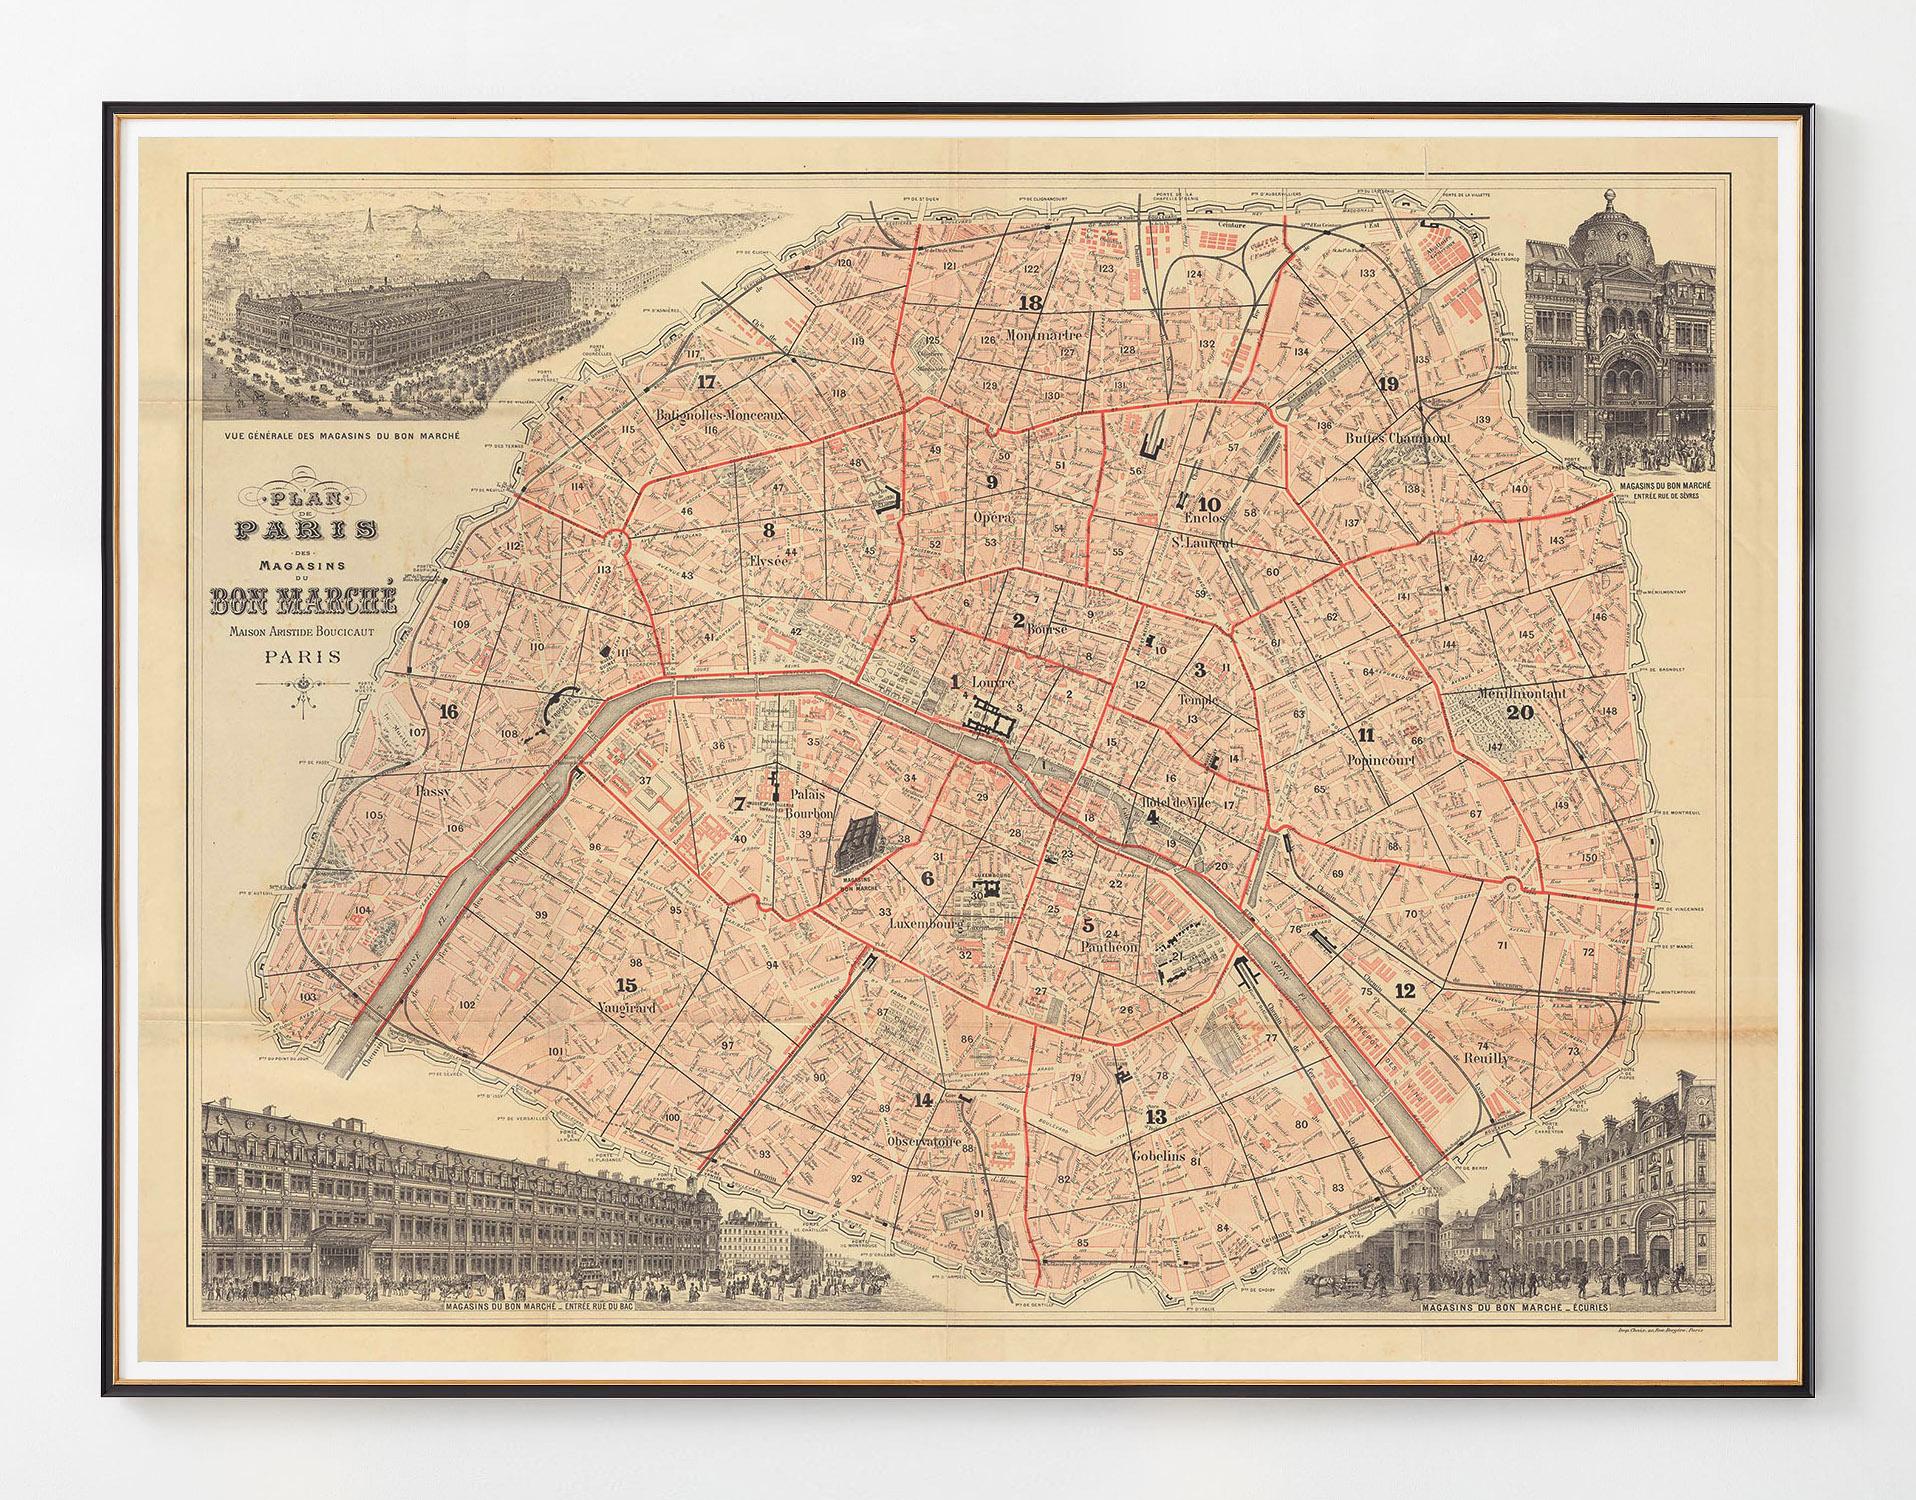 1893 plan de paris bon marche majesty maps prints. Black Bedroom Furniture Sets. Home Design Ideas